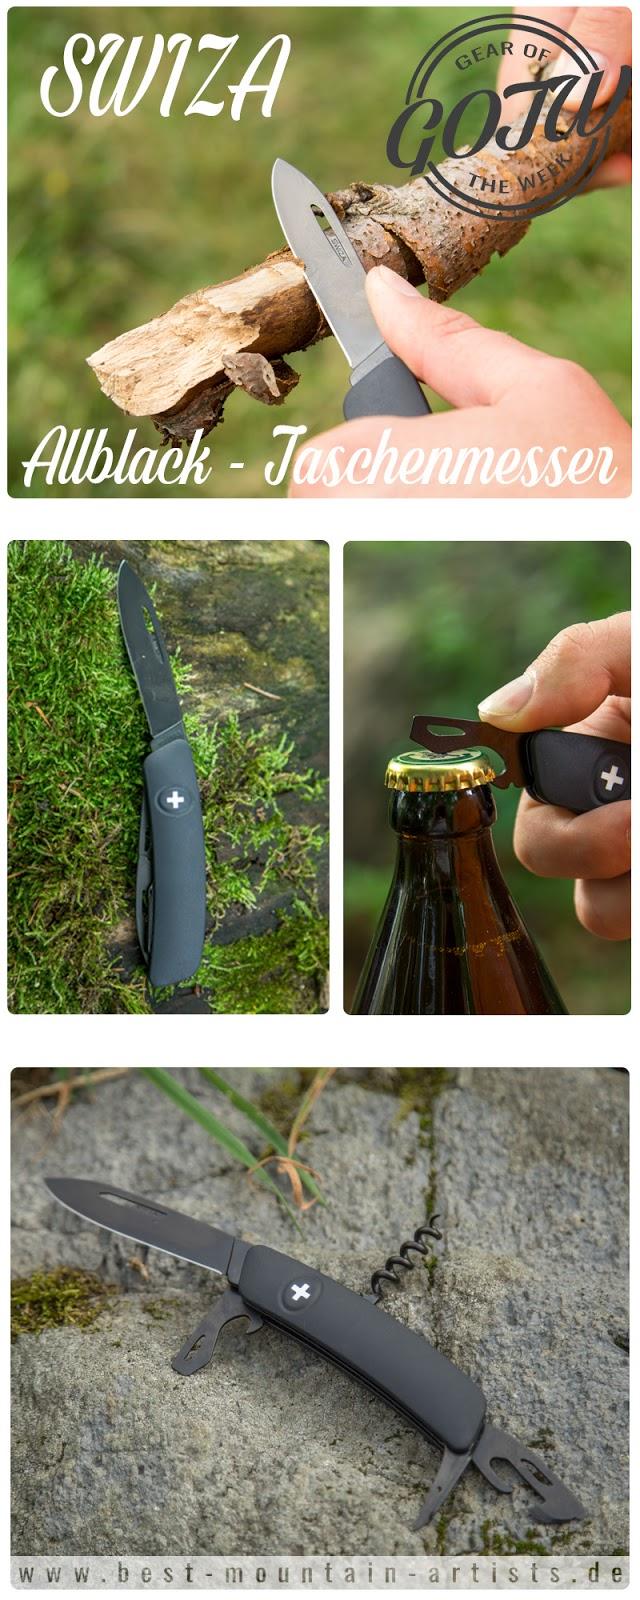 Gear of the Week #GOTW KW 34  SWIZA Allblack Schweizer Taschenmesser  Schweizer-Messer